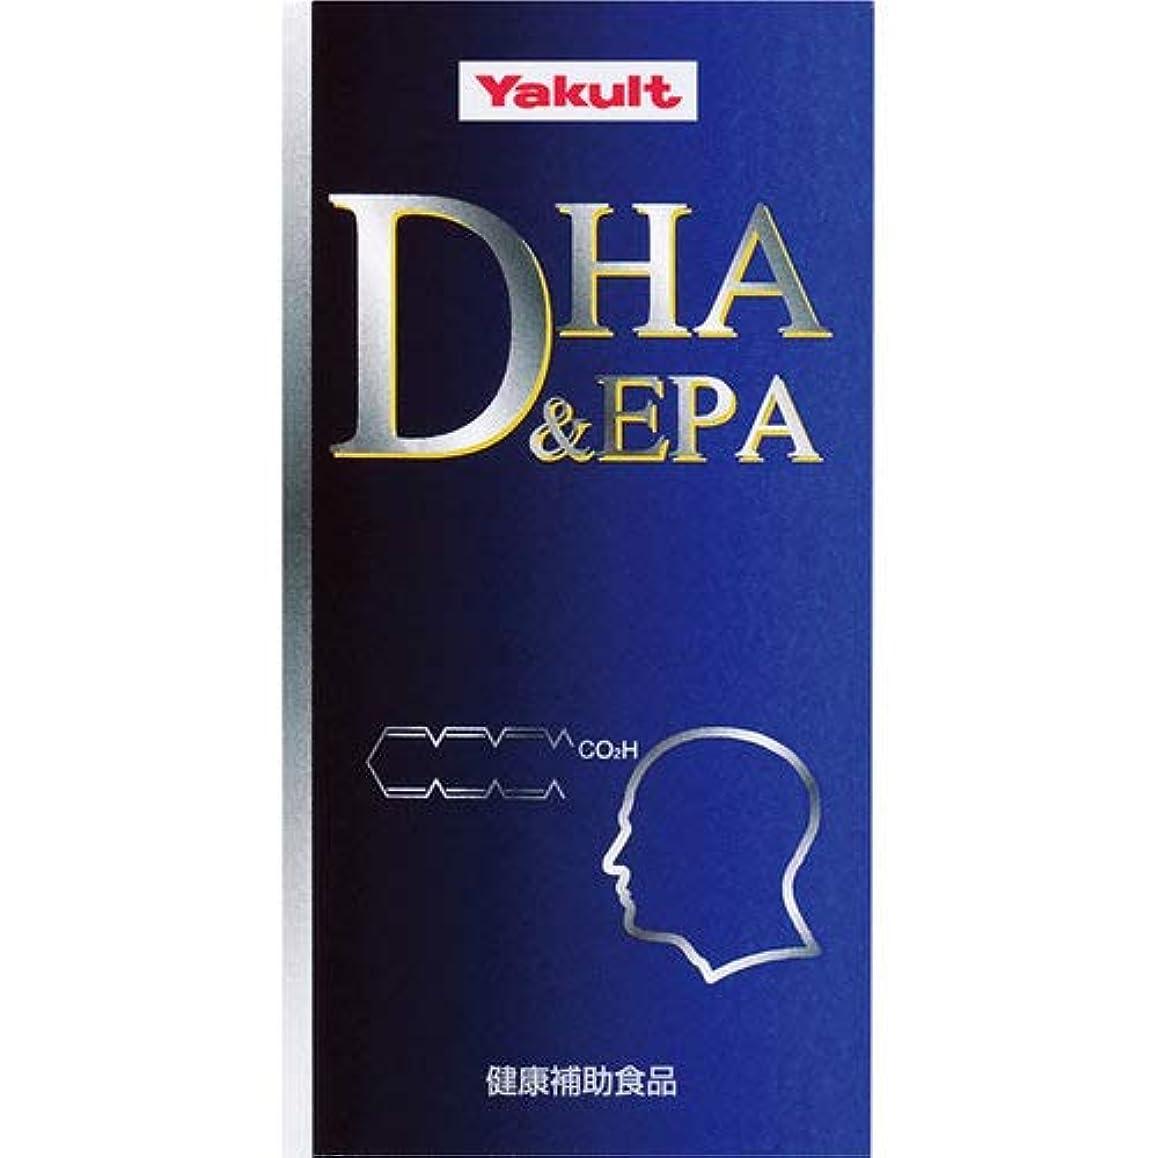 シェル息を切らしてこんにちはDHA&EPA 54g